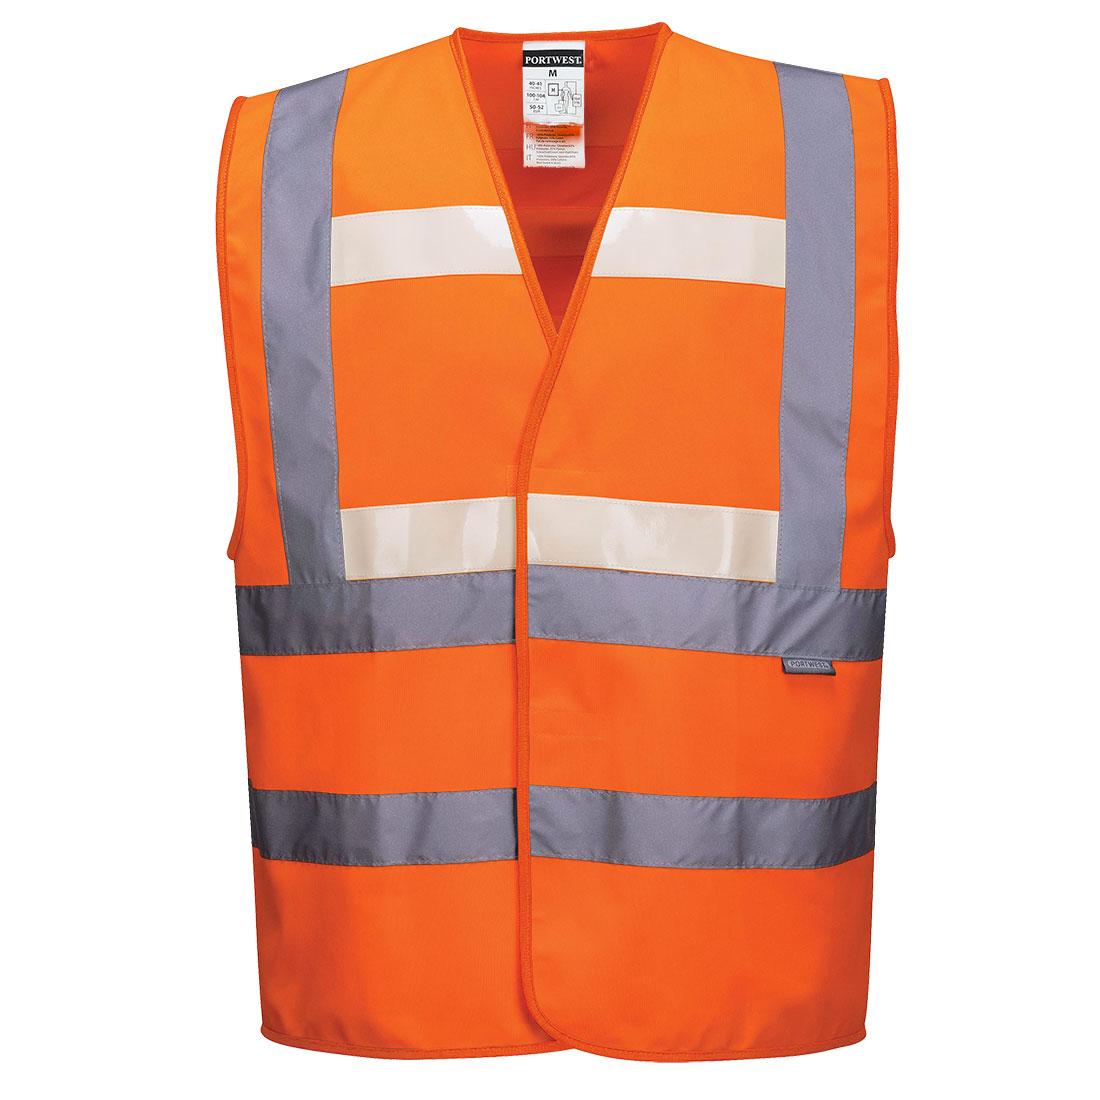 Portwest Triple Technology Vest